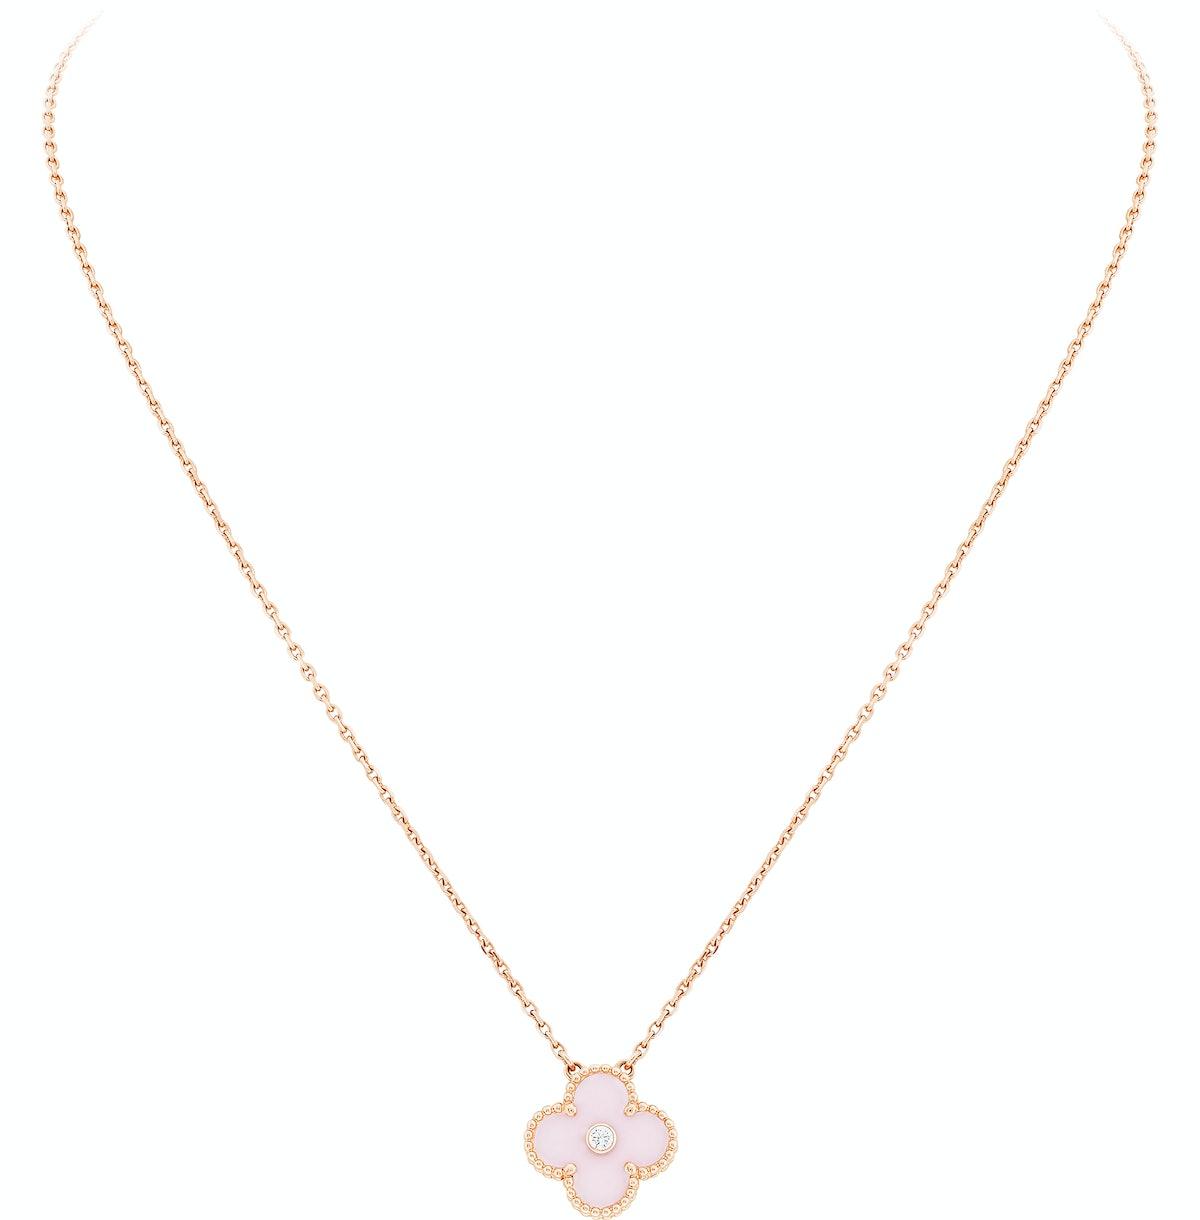 Van-Cleef-Necklace